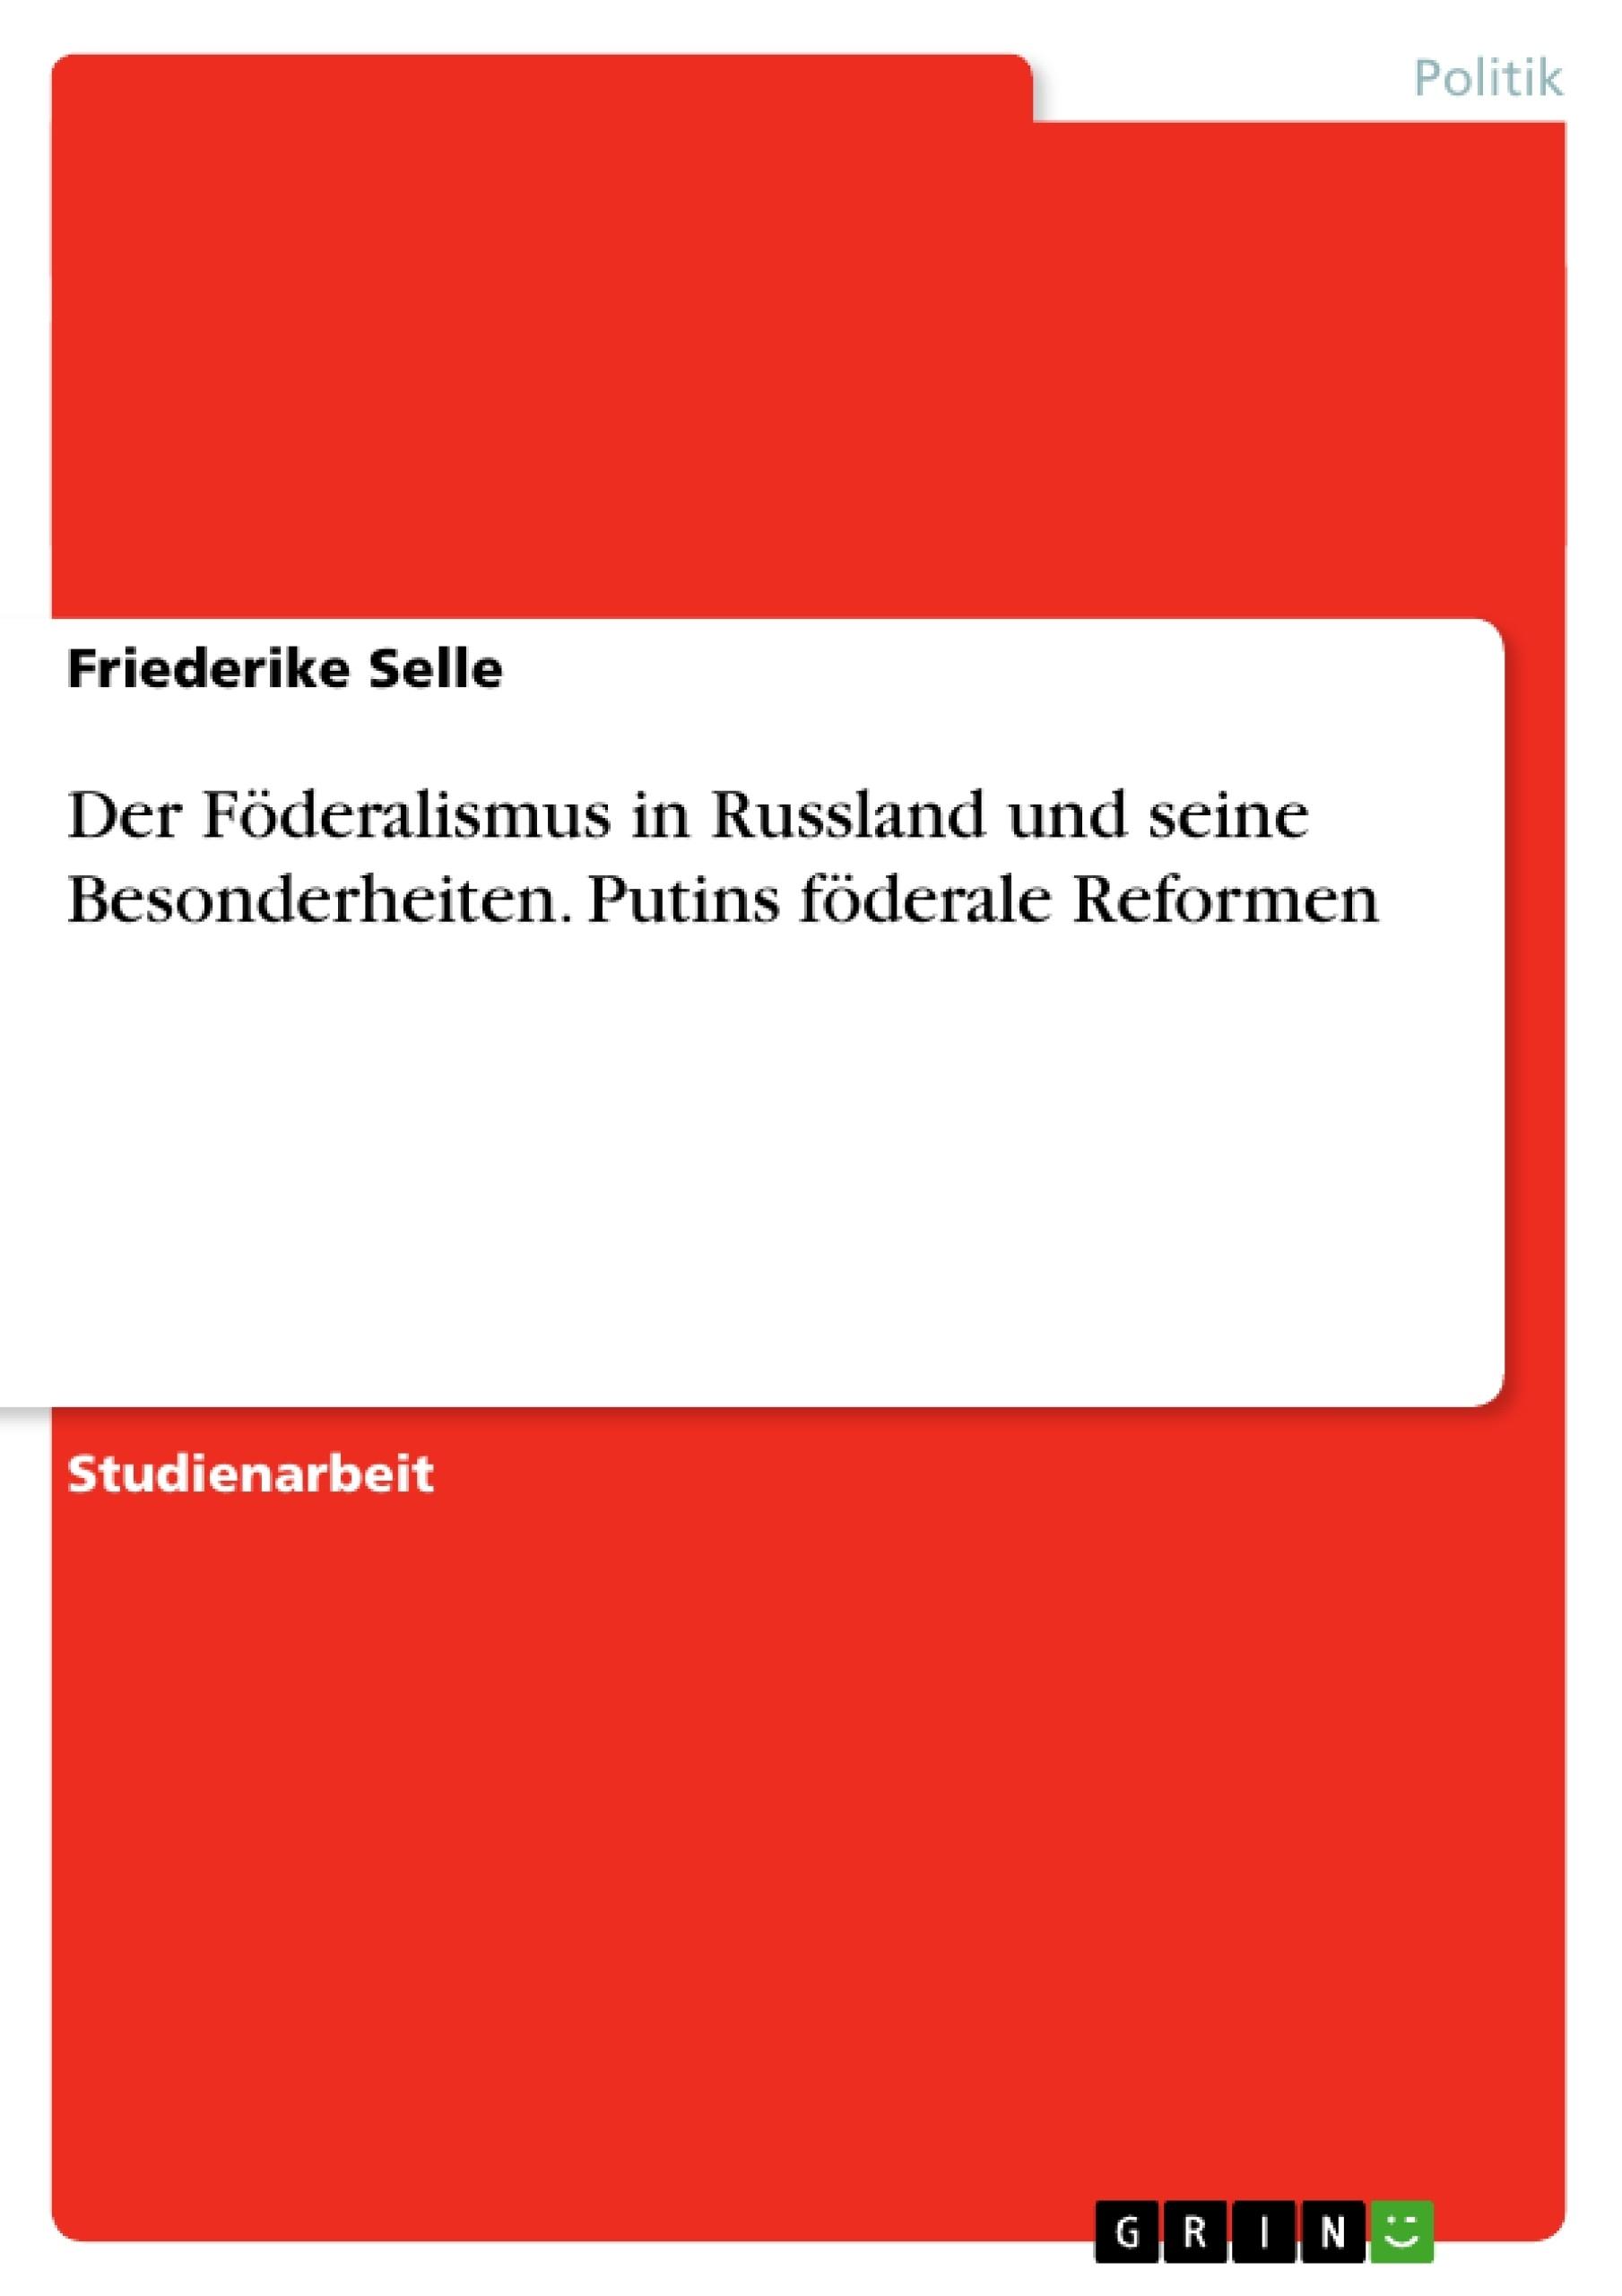 Titel: Der Föderalismus in Russland und seine Besonderheiten. Putins föderale Reformen